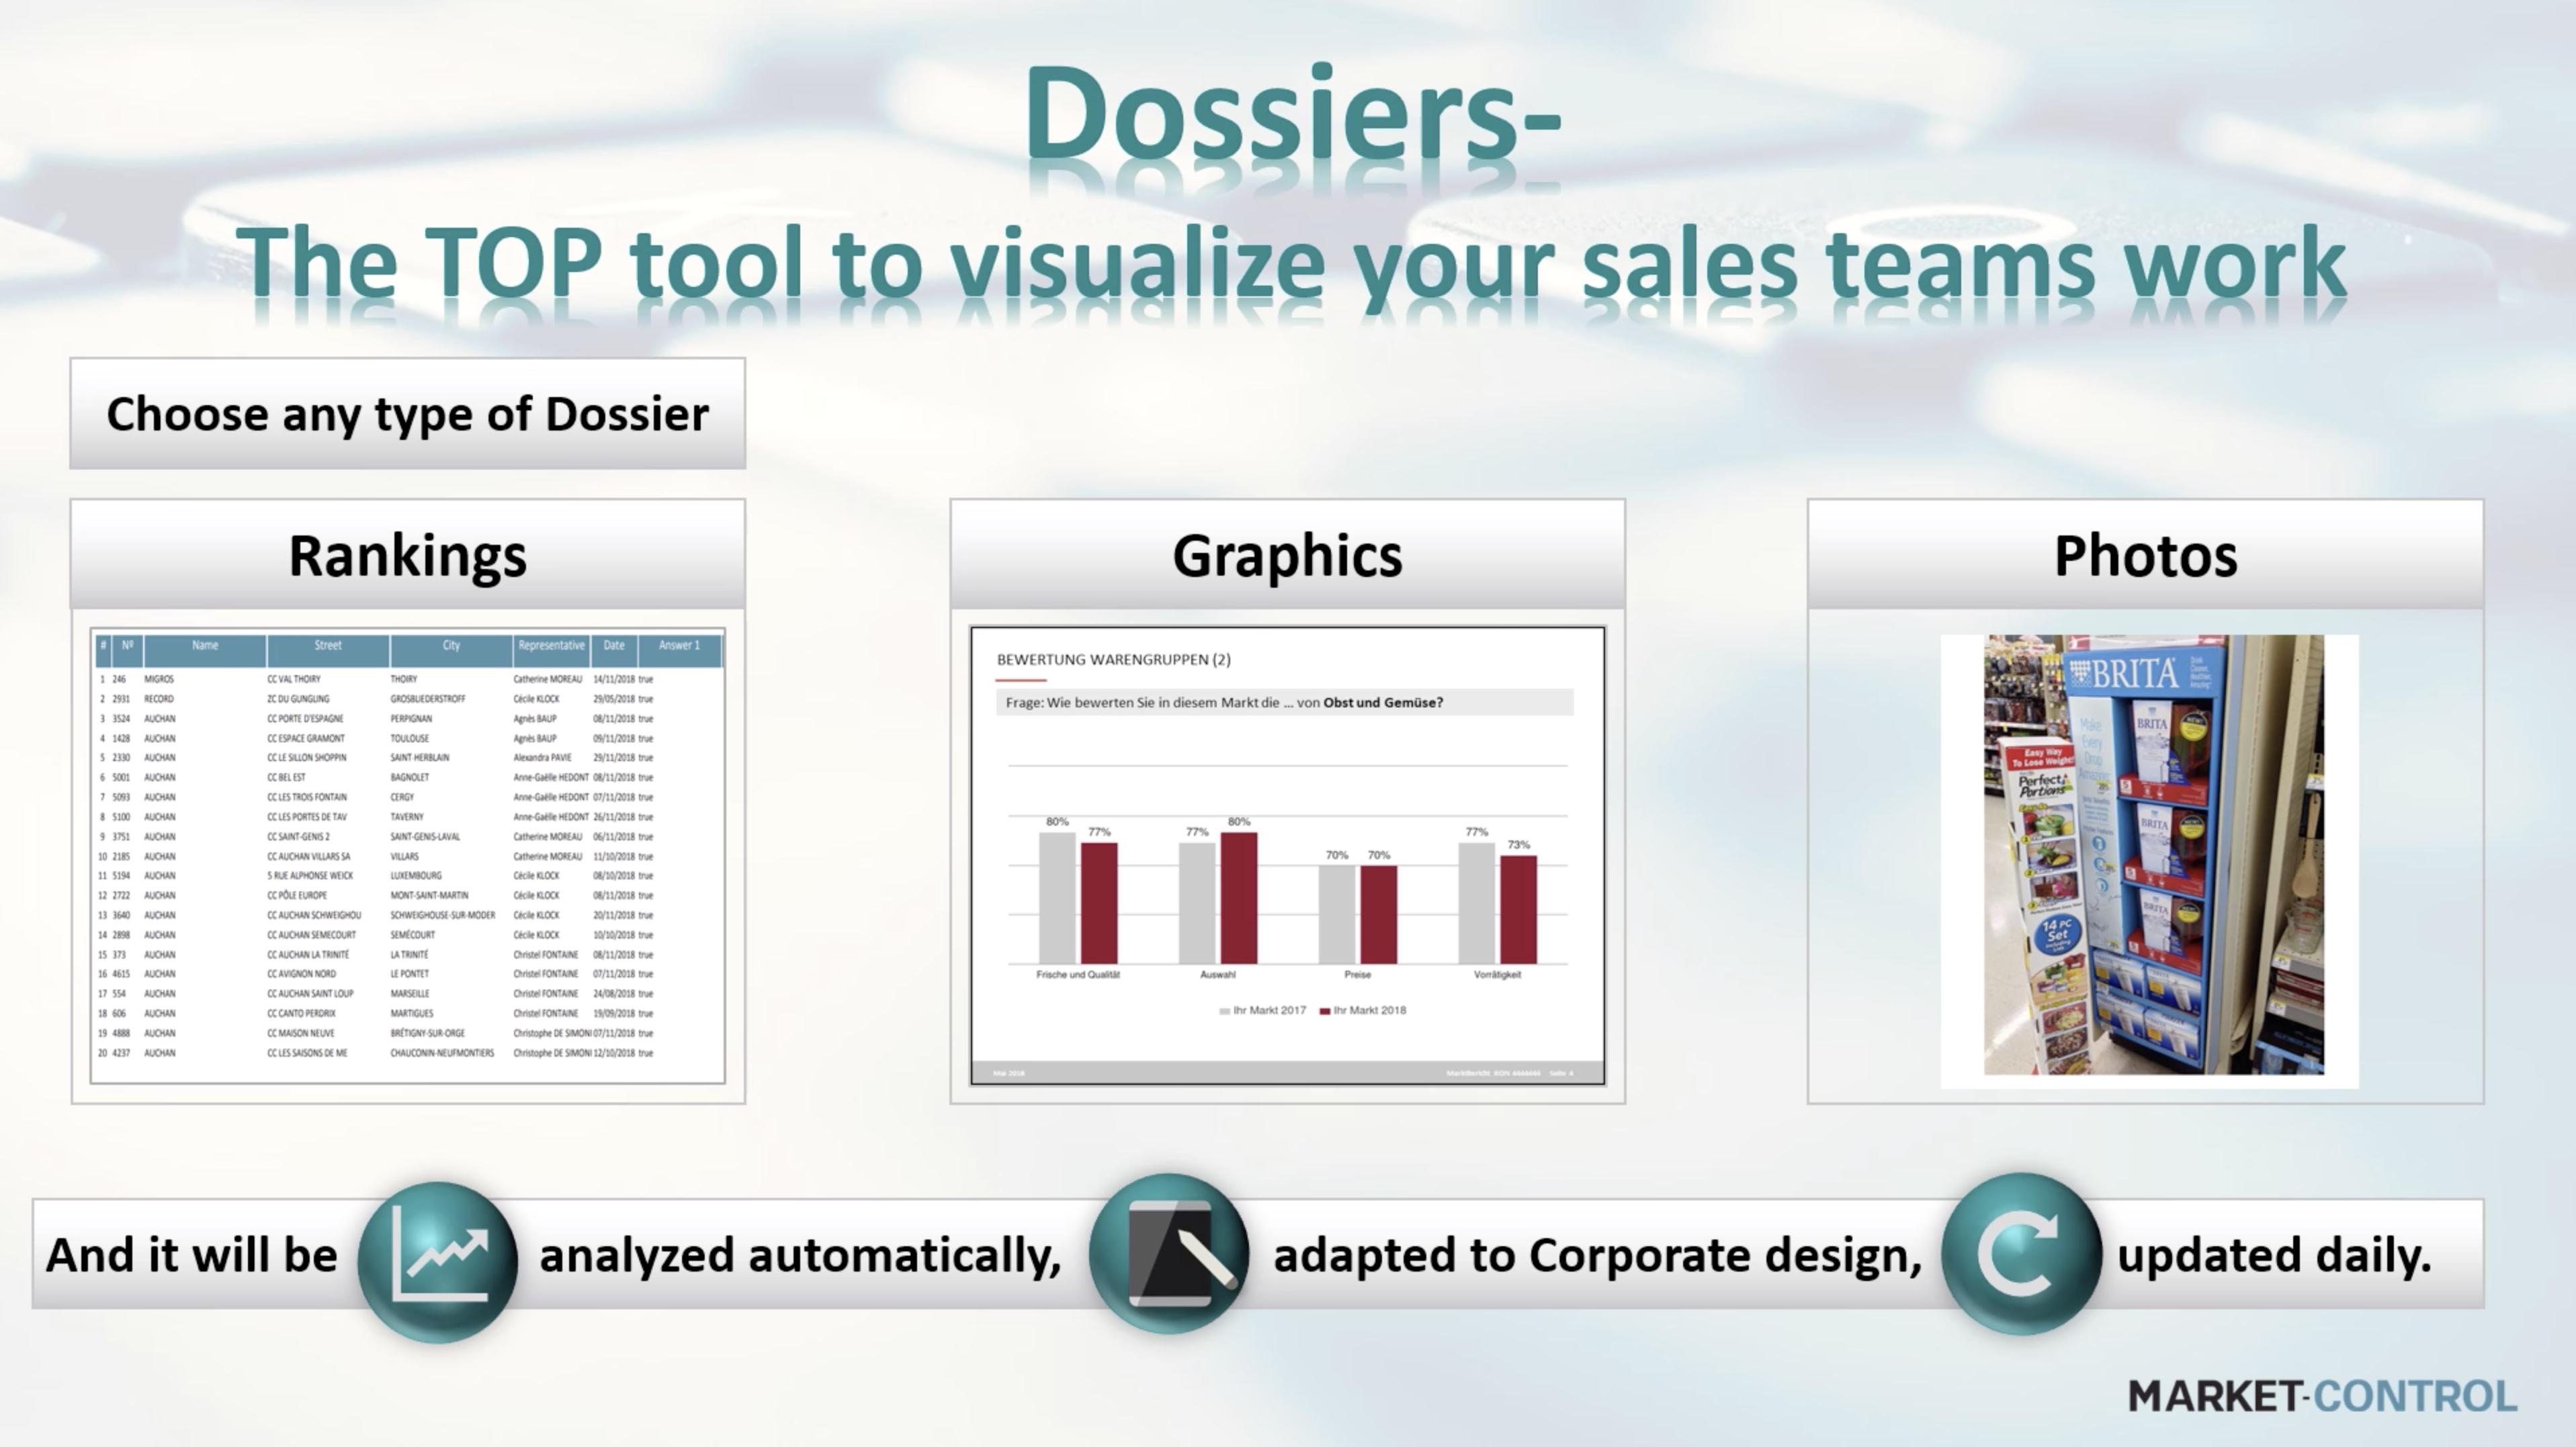 Dossiers – La herramienta TOP para visualizar el trabajo de sus equipos de ventas